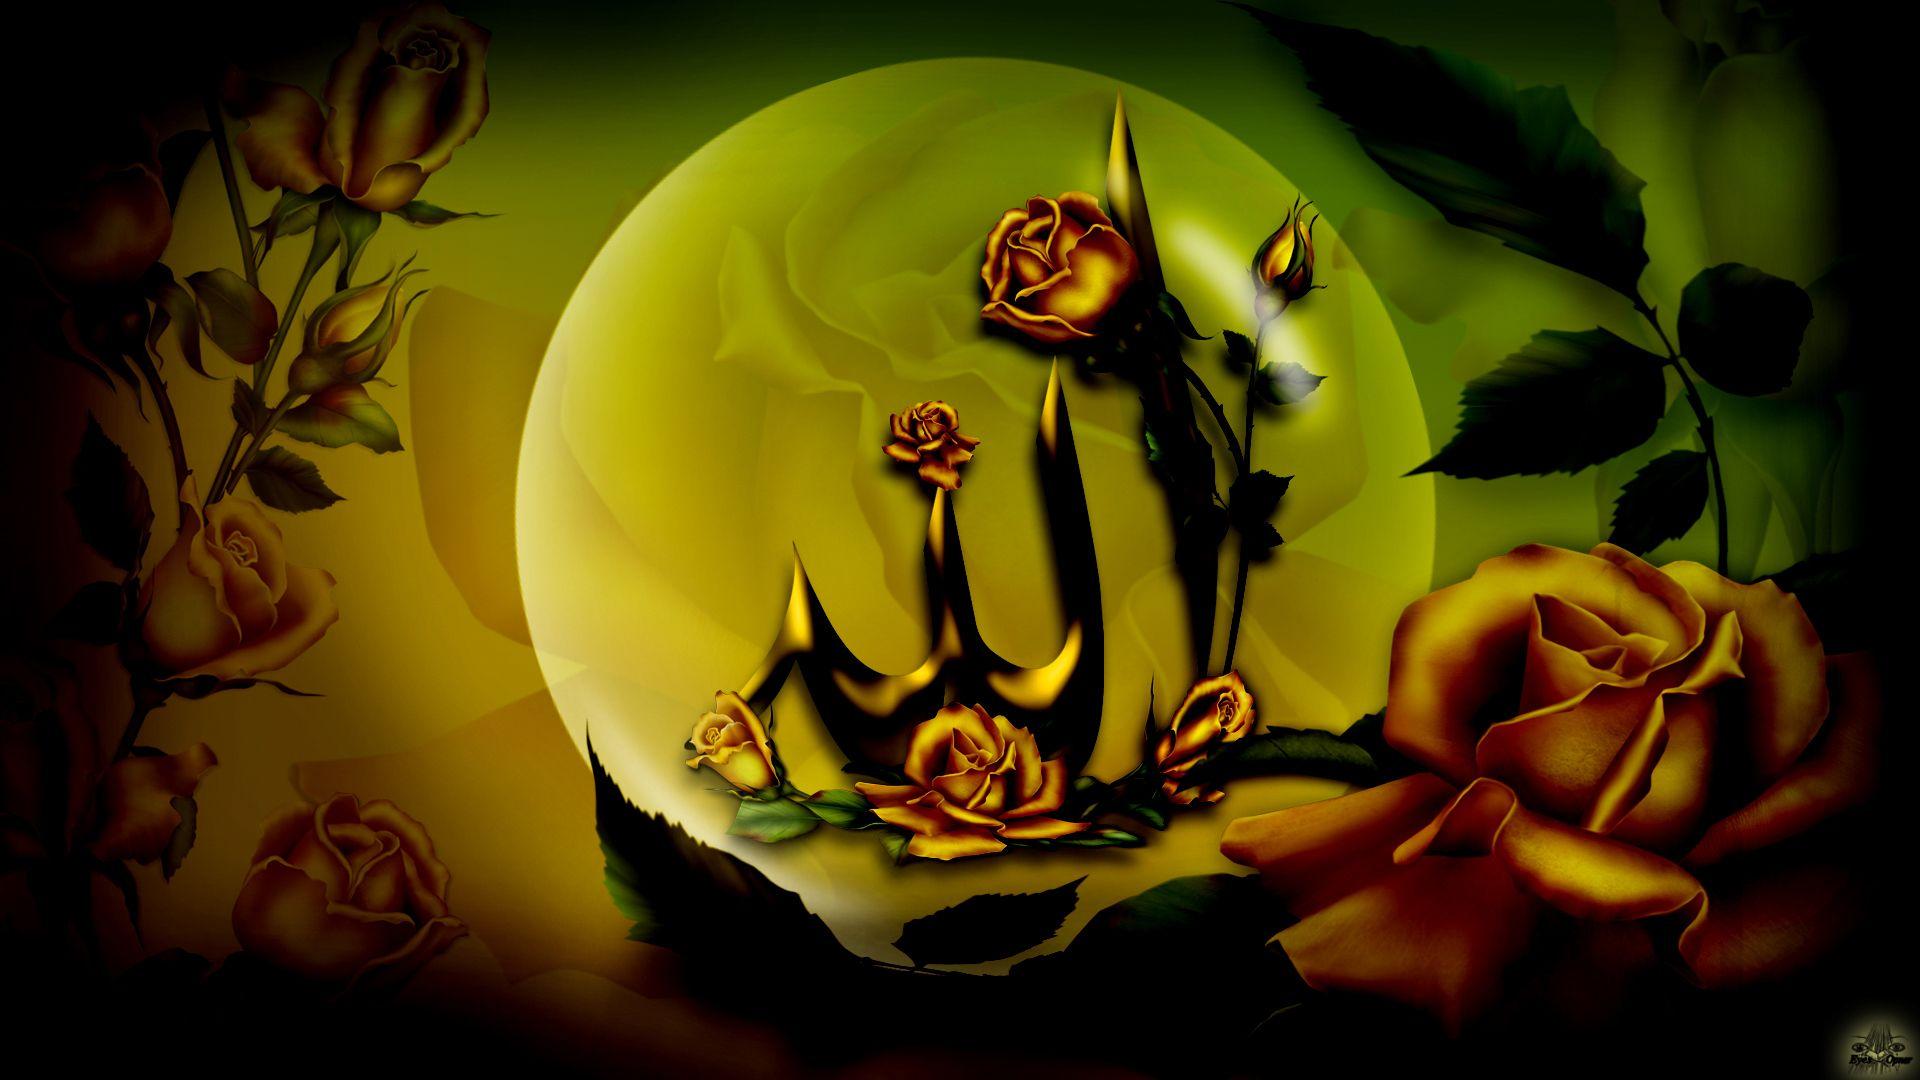 Members Hd Allah Names Wallpapers Awesome Art Of Islamic Hd Wallpapers Name Wallpaper Allah Names Wallpaper